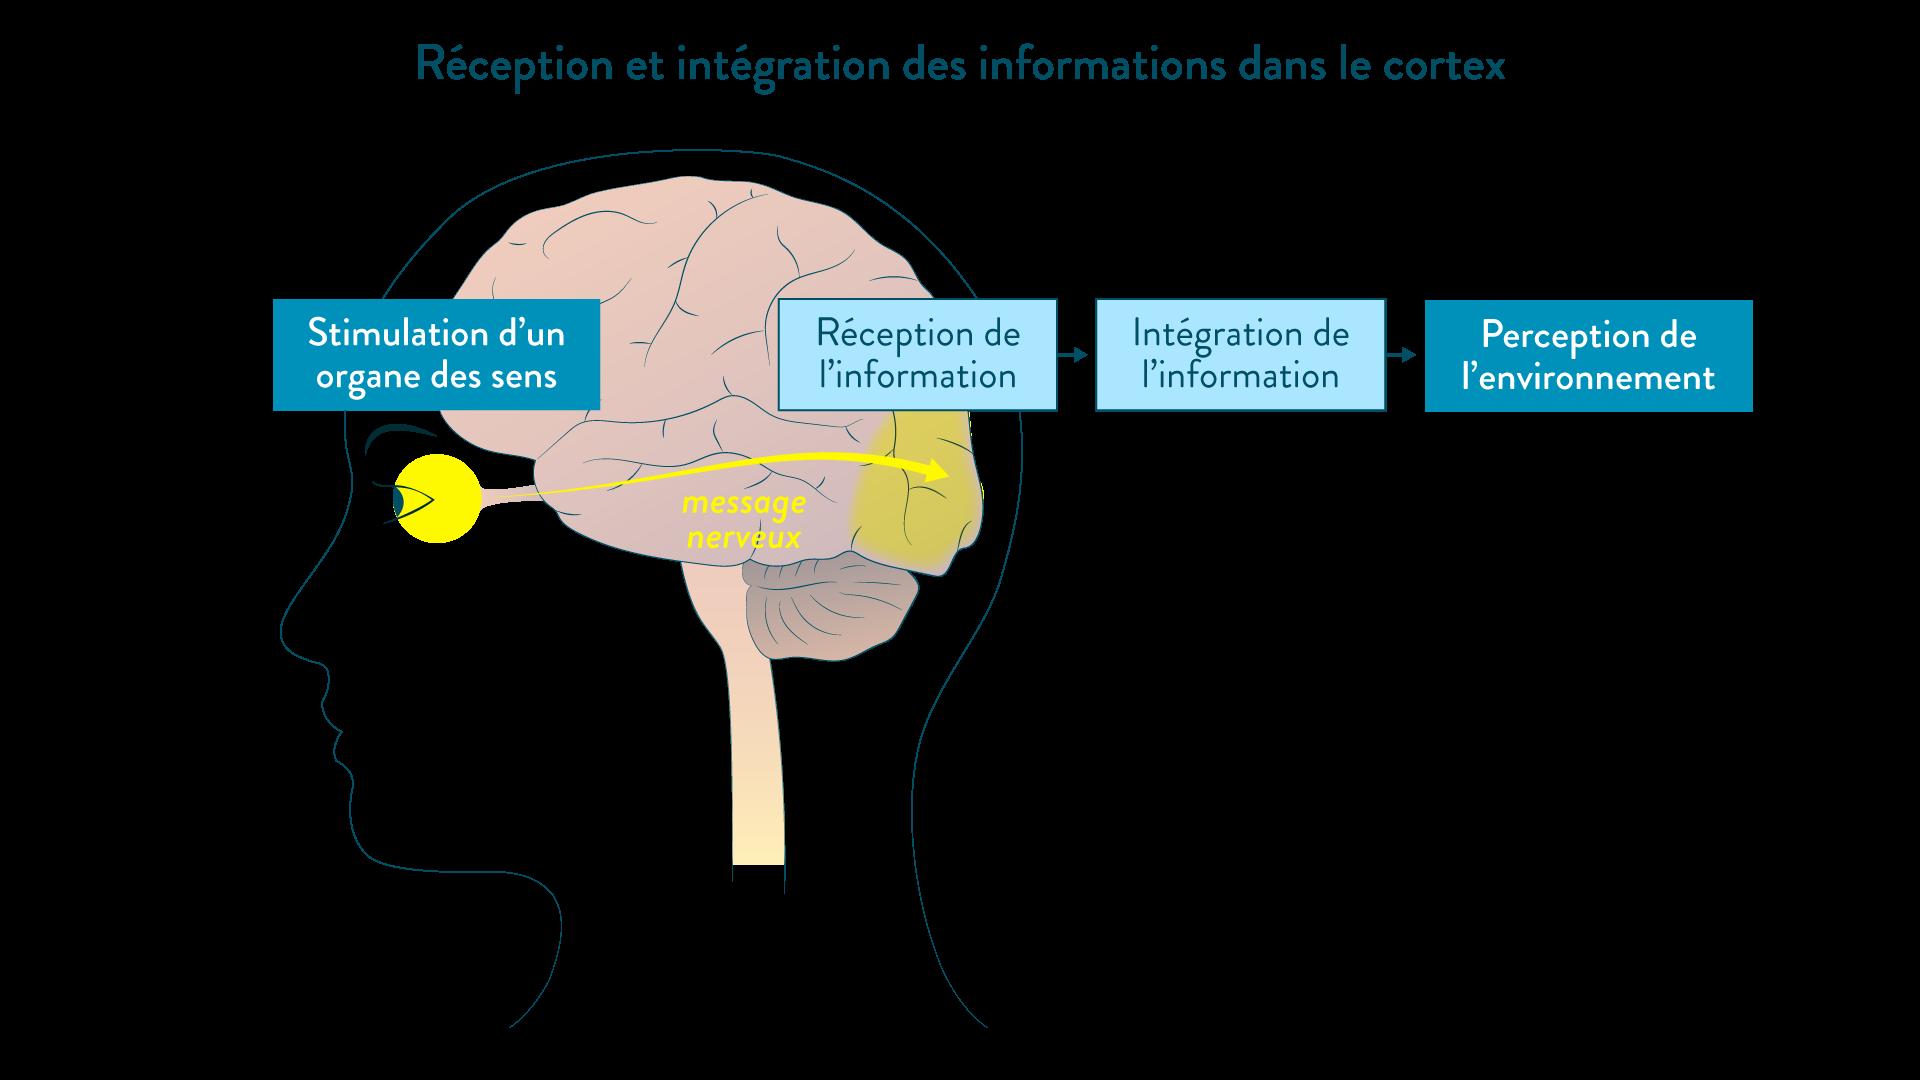 Réception et intégration des informations dans le cortex après qu'un organe des sens ait été stimulé